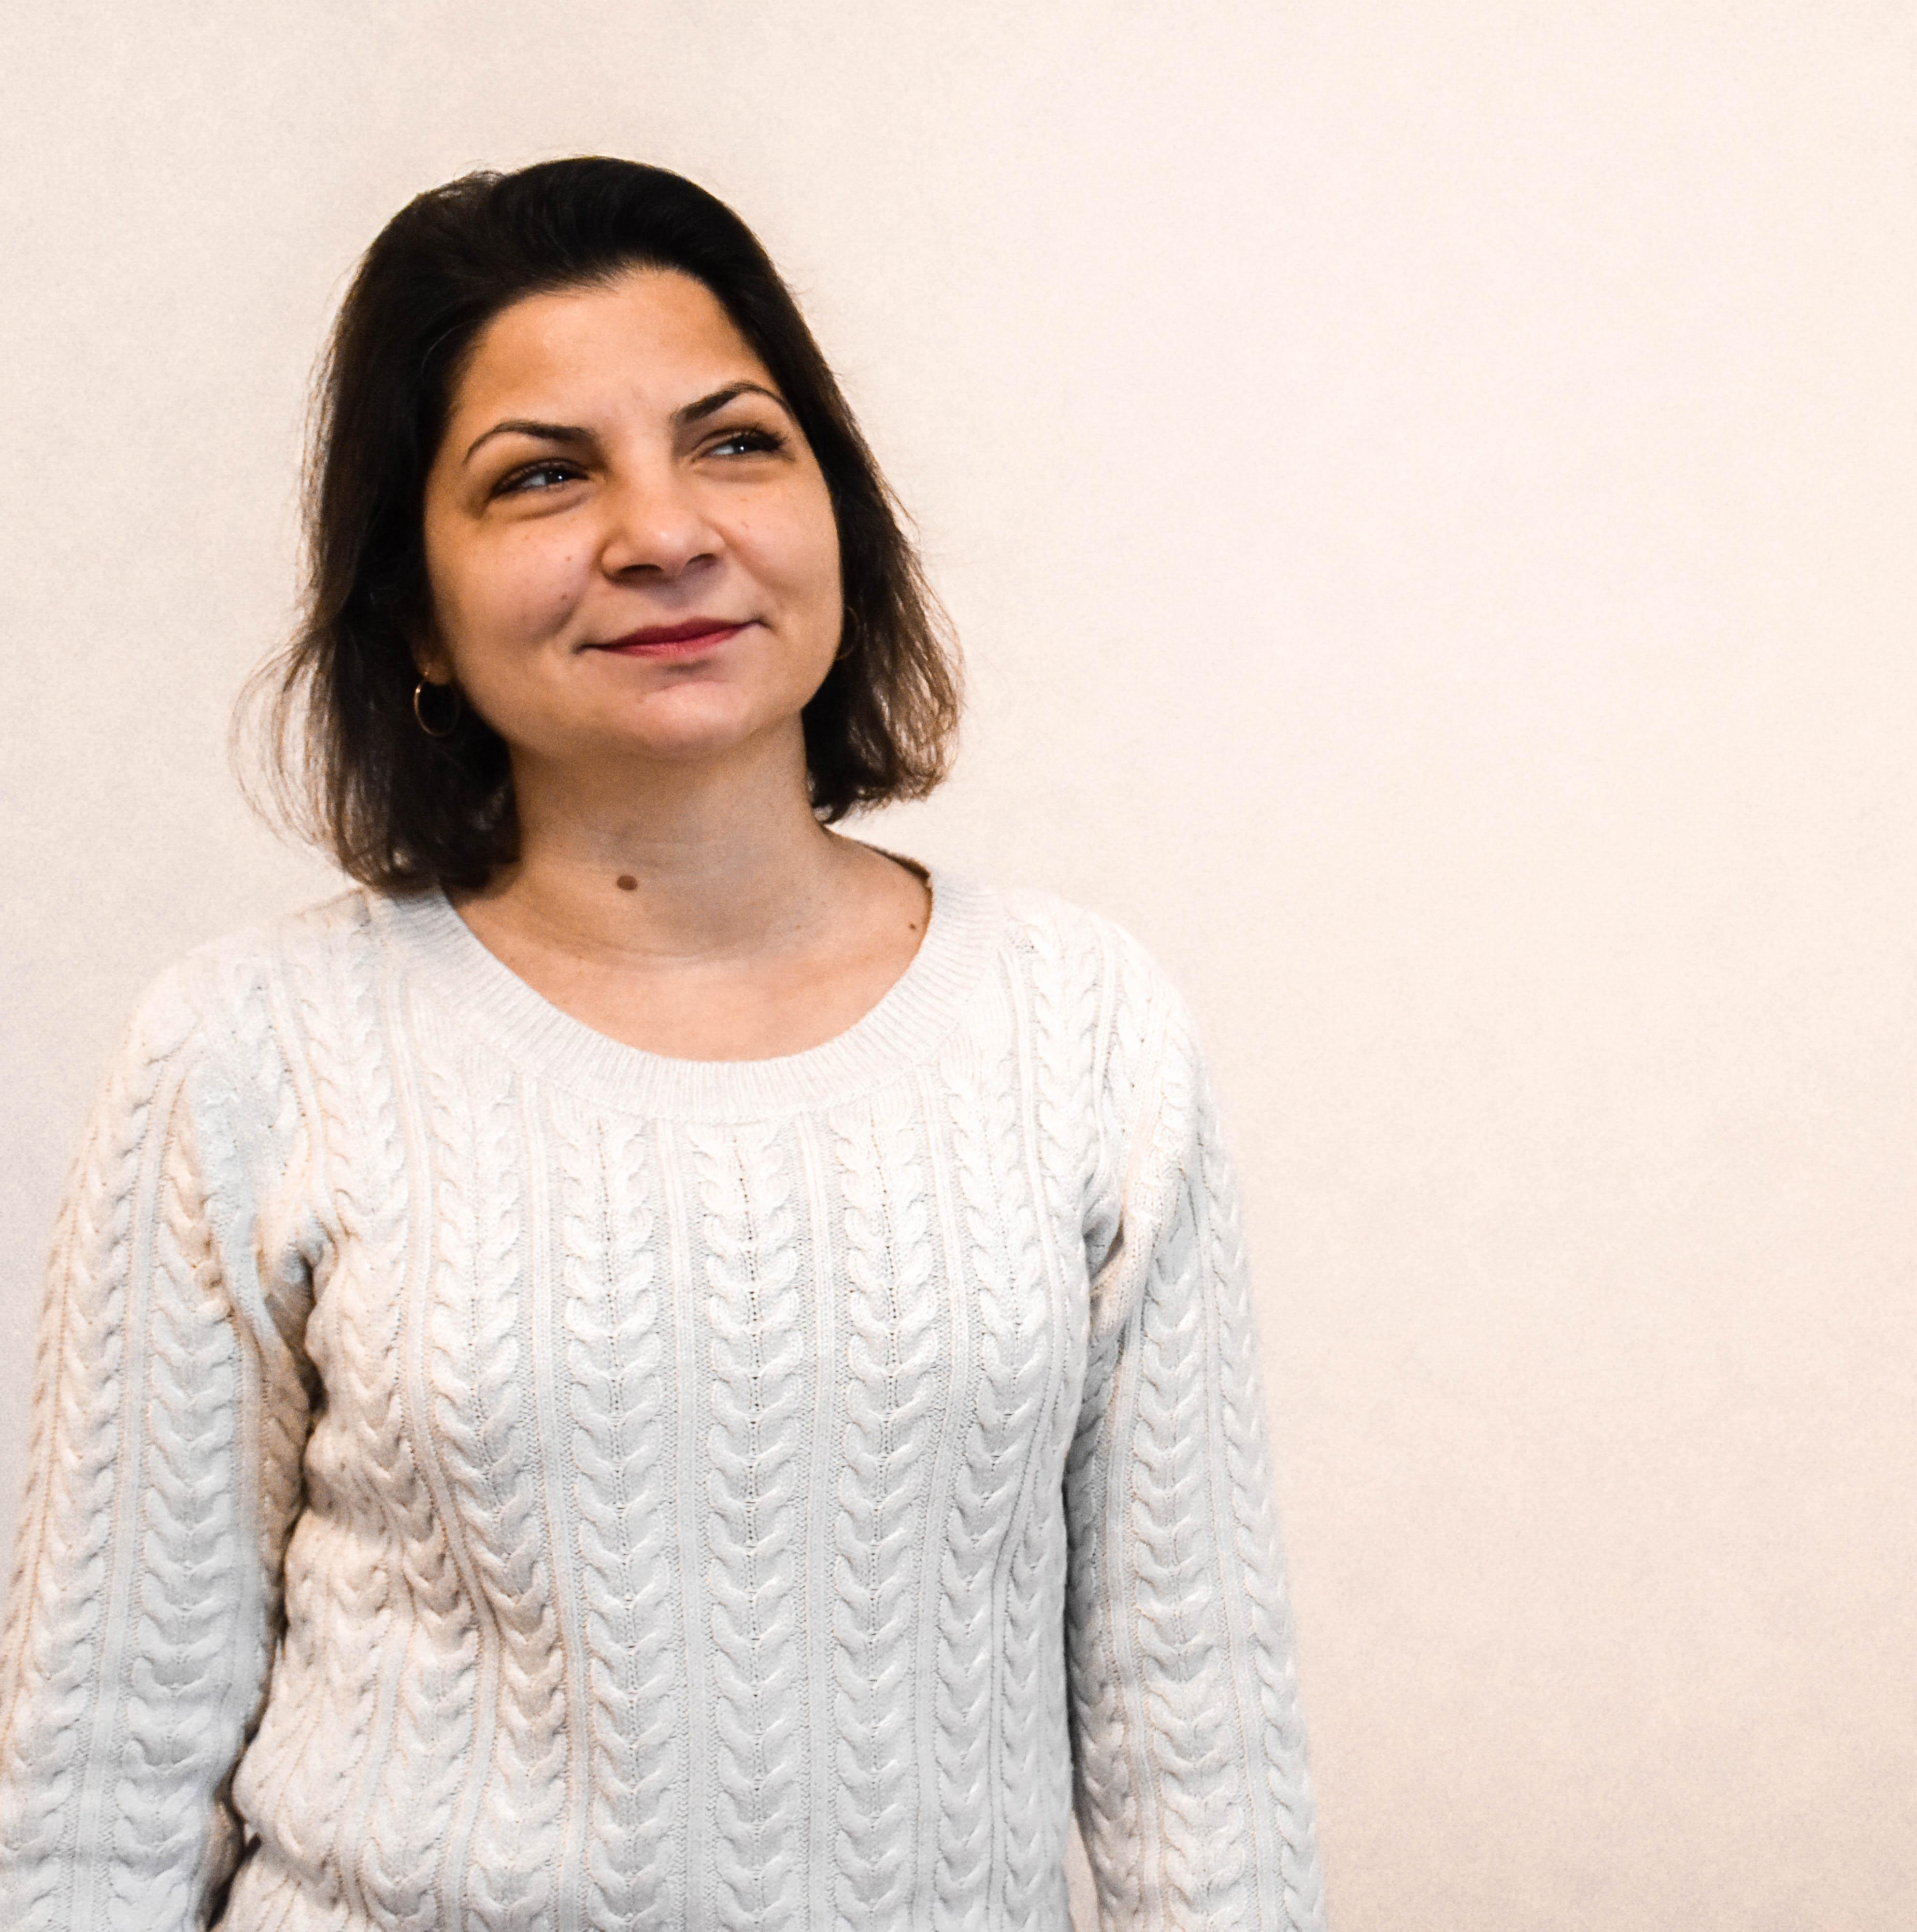 Jasna Husic